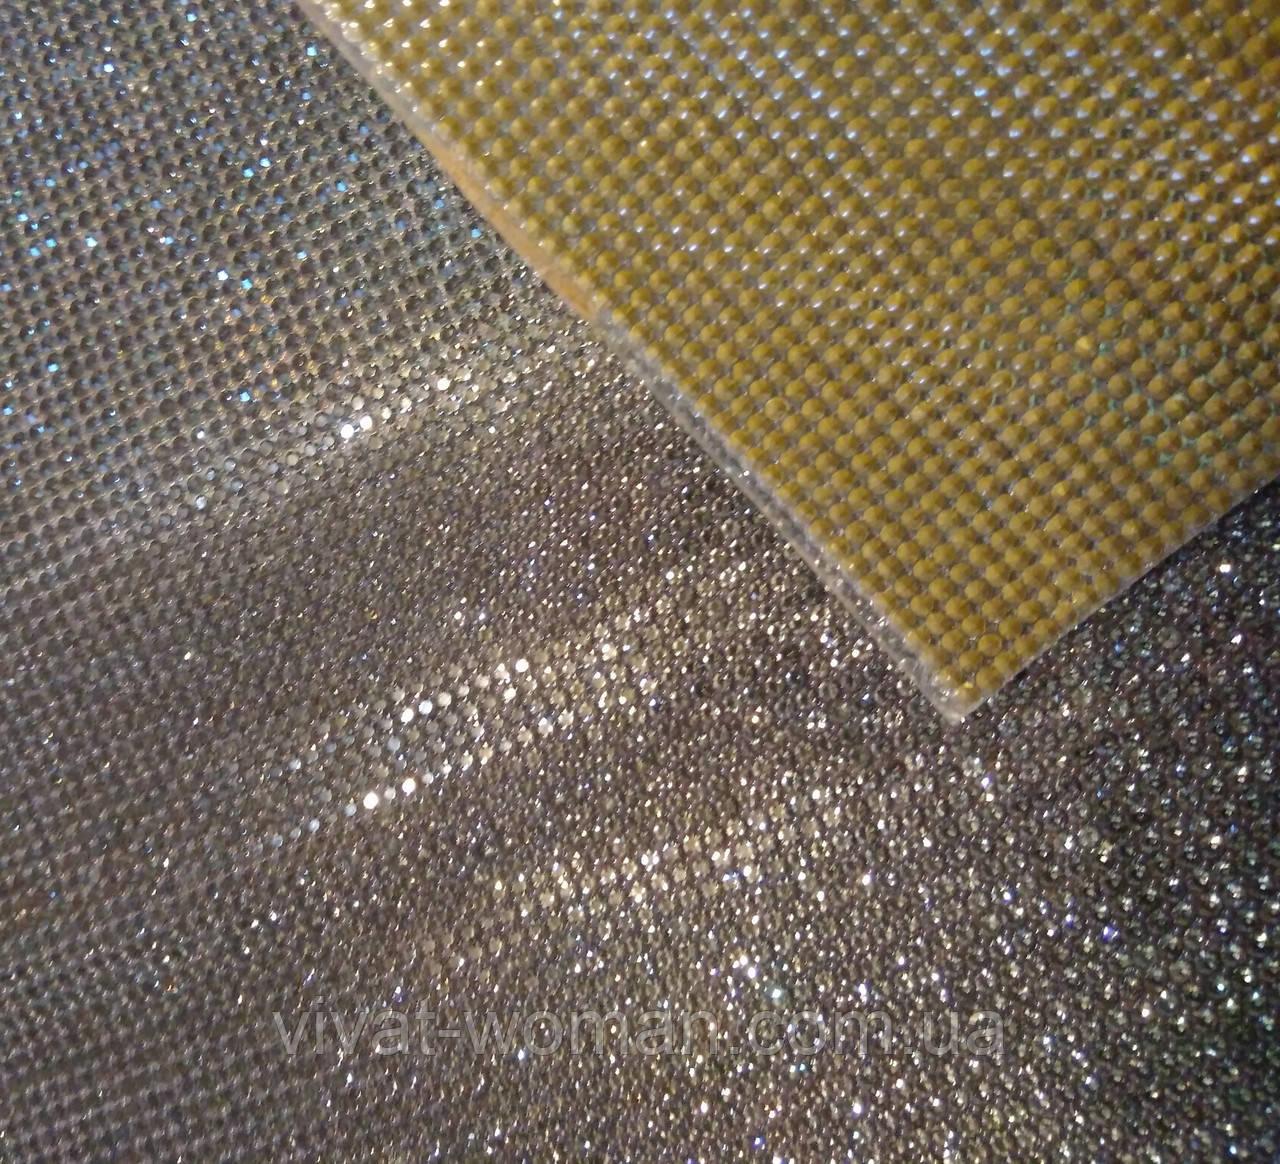 Стразовое полотно гарячої фіксації, колір Black Diamond. Розмір страз SS6 (2.0 мм). Ціна за відріз 1х24 см